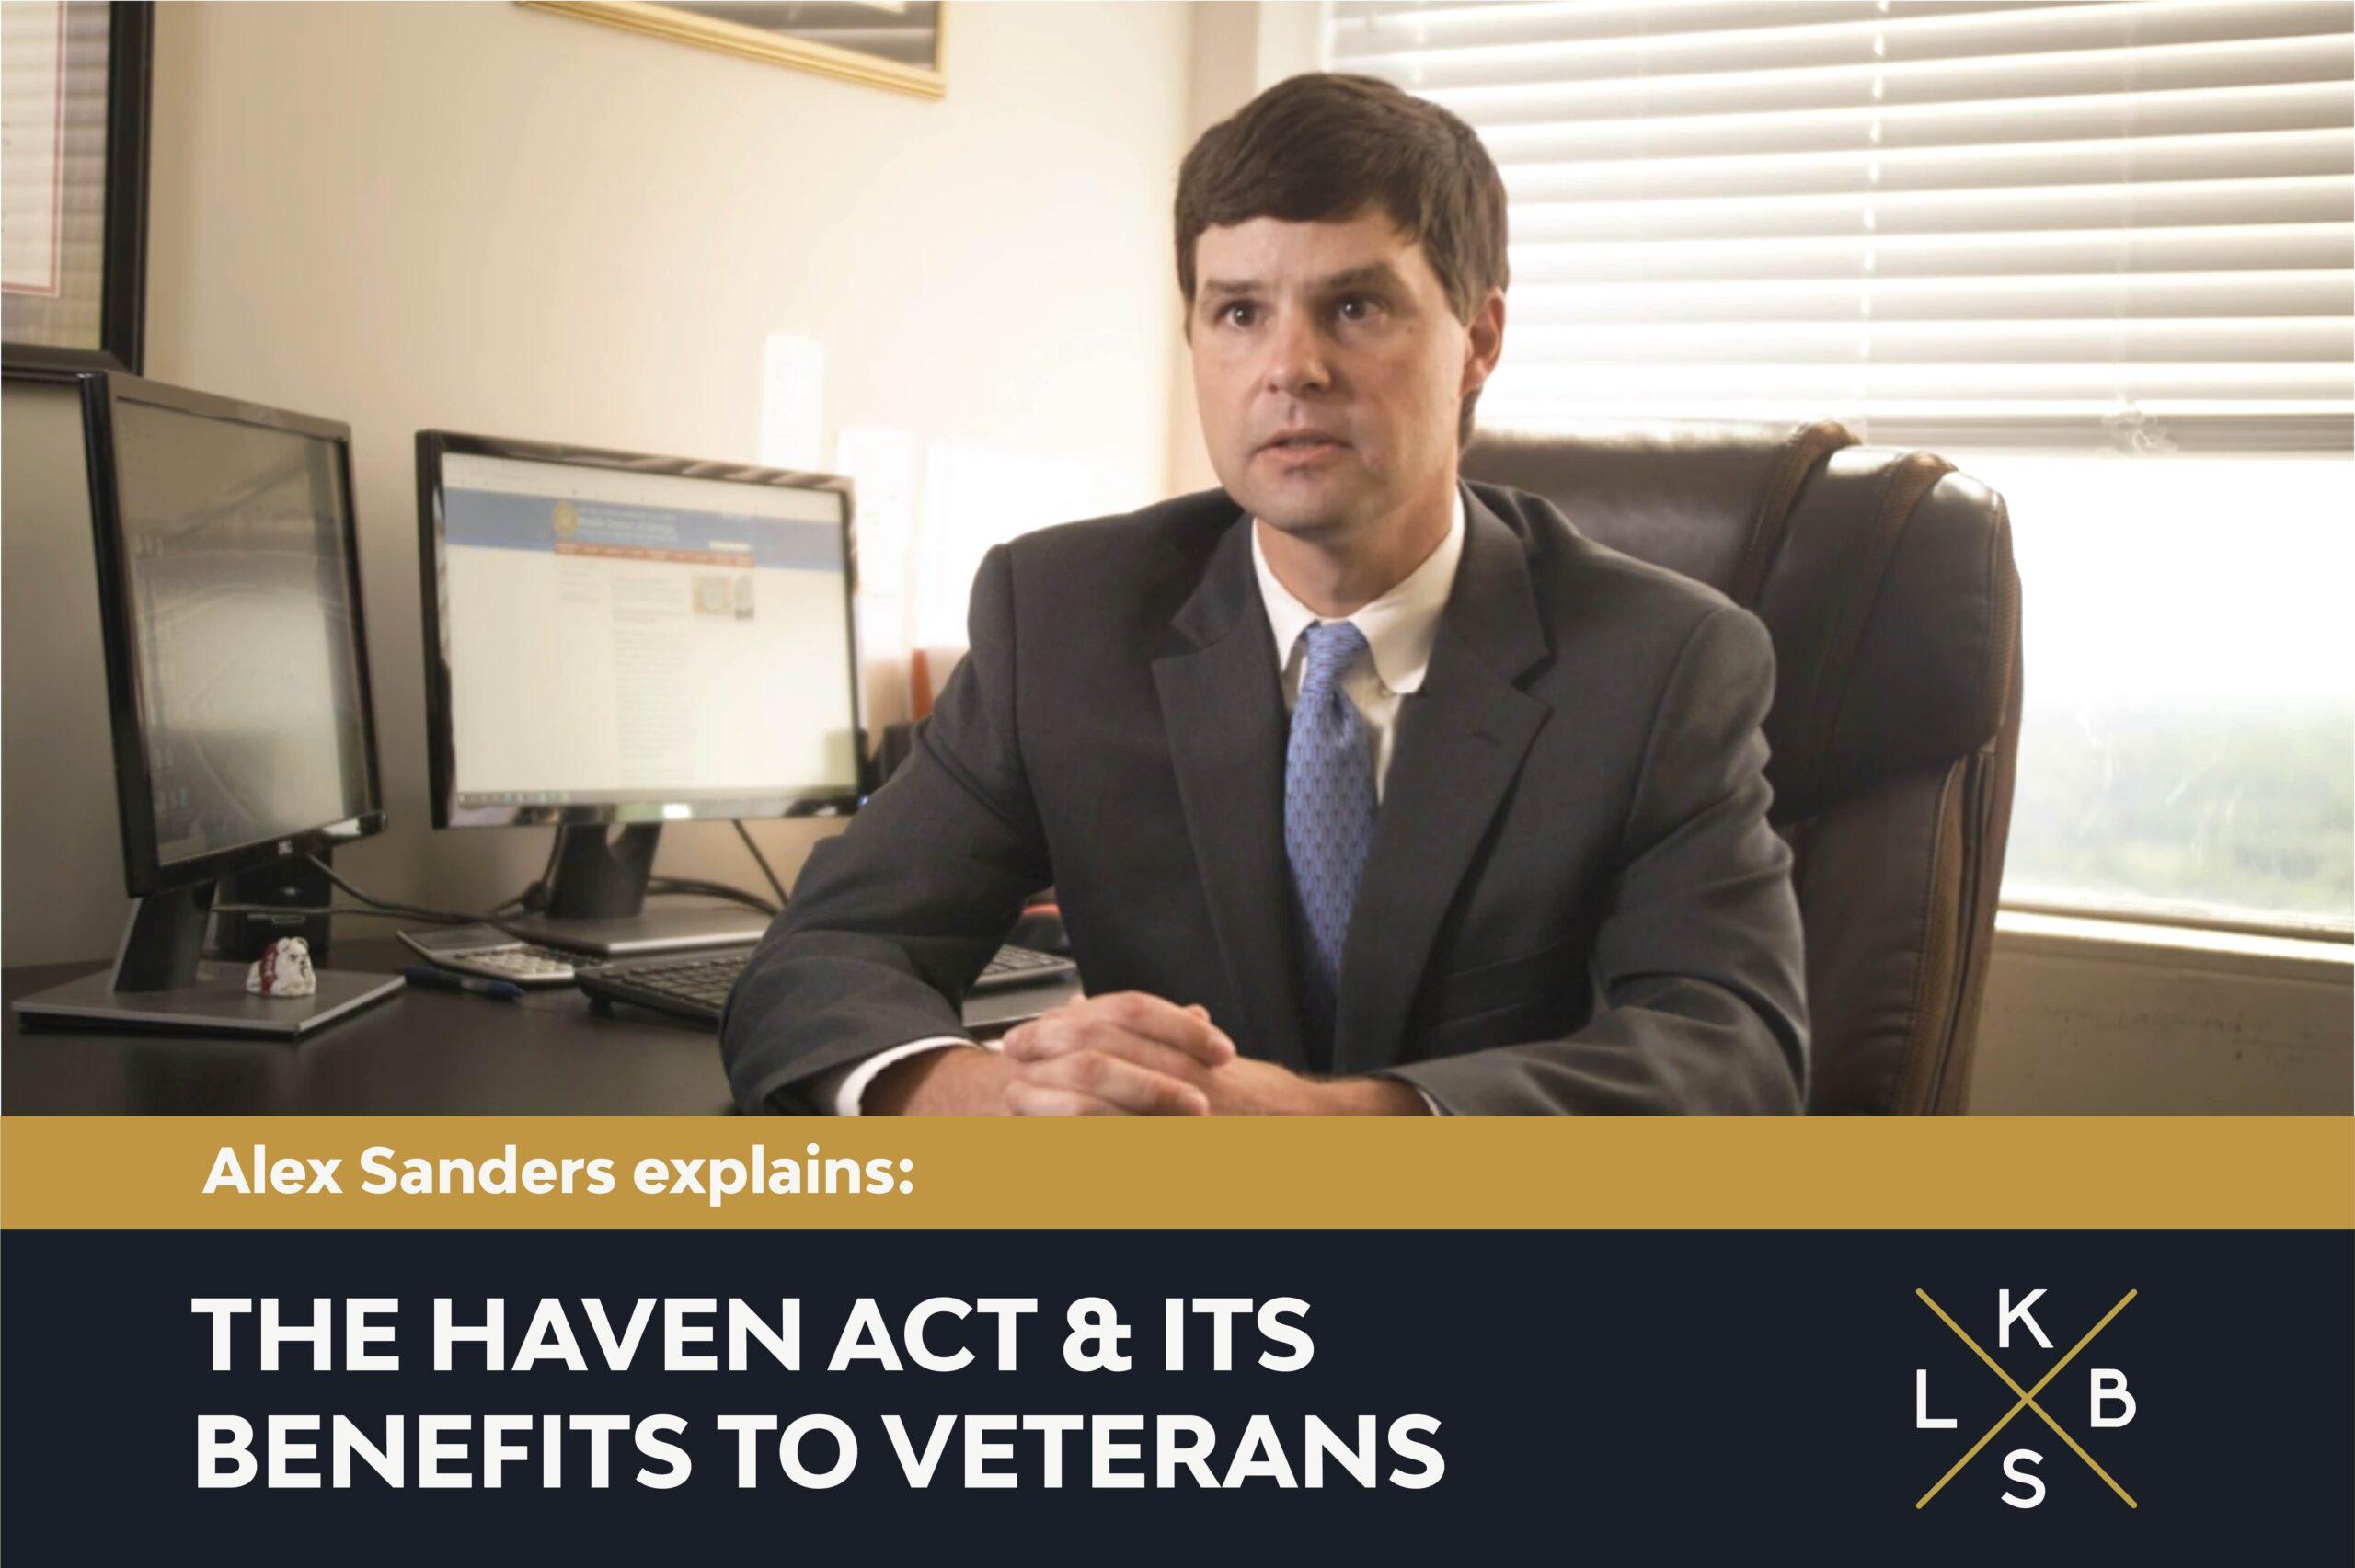 Alex Sanders explains The Haven Act & it's benefits to veterans.